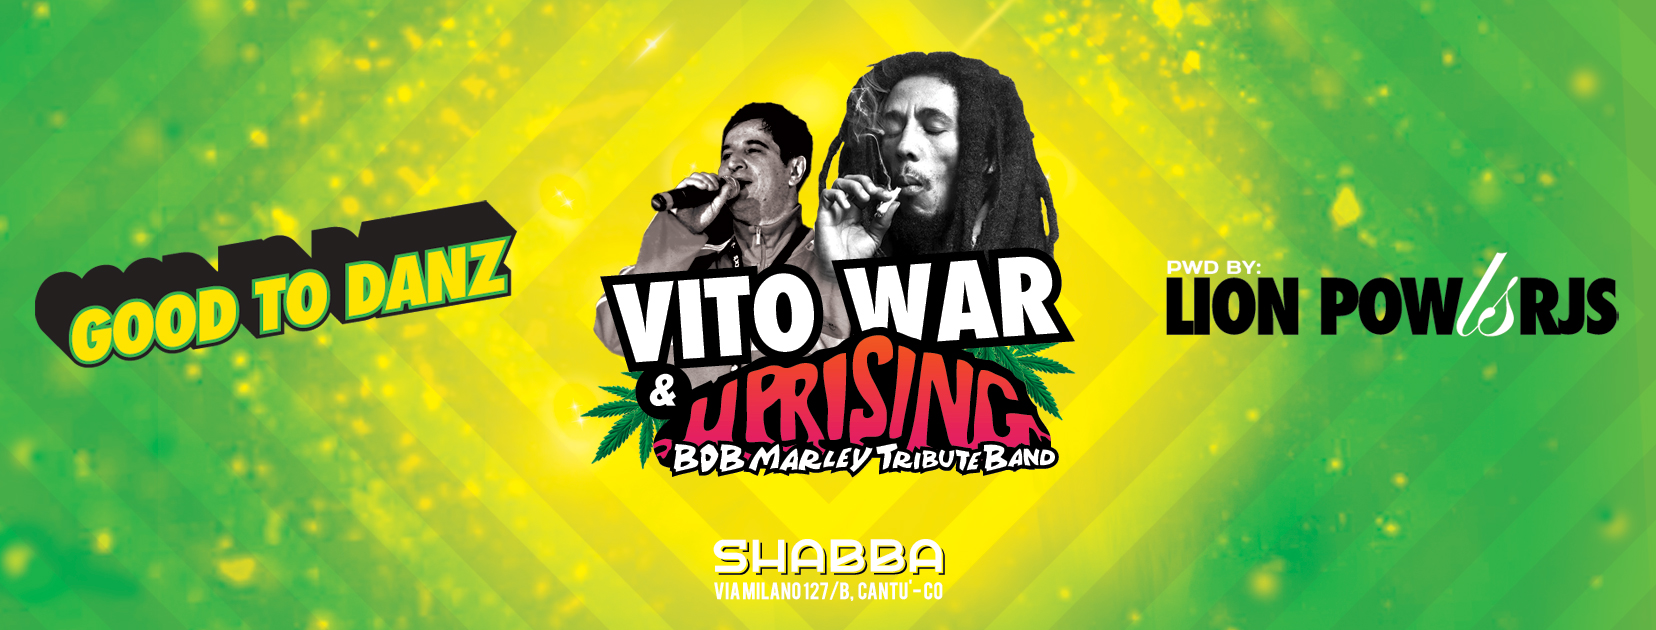 Reggae.it Event